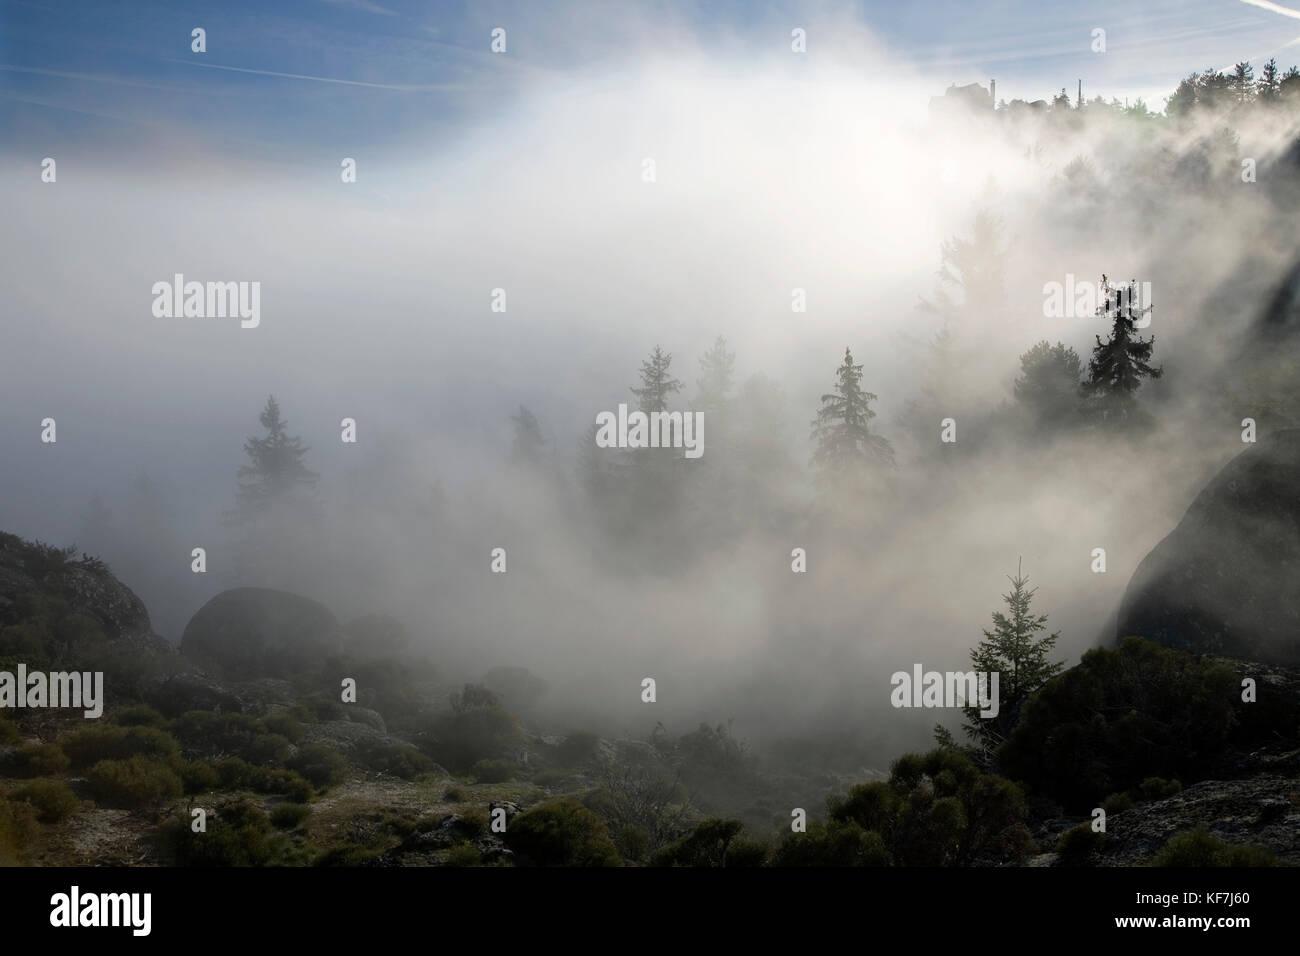 Le brouillard dans une vallée à la montagne Serra da Estrela, dans le centre du Portugal. à la fin Photo Stock